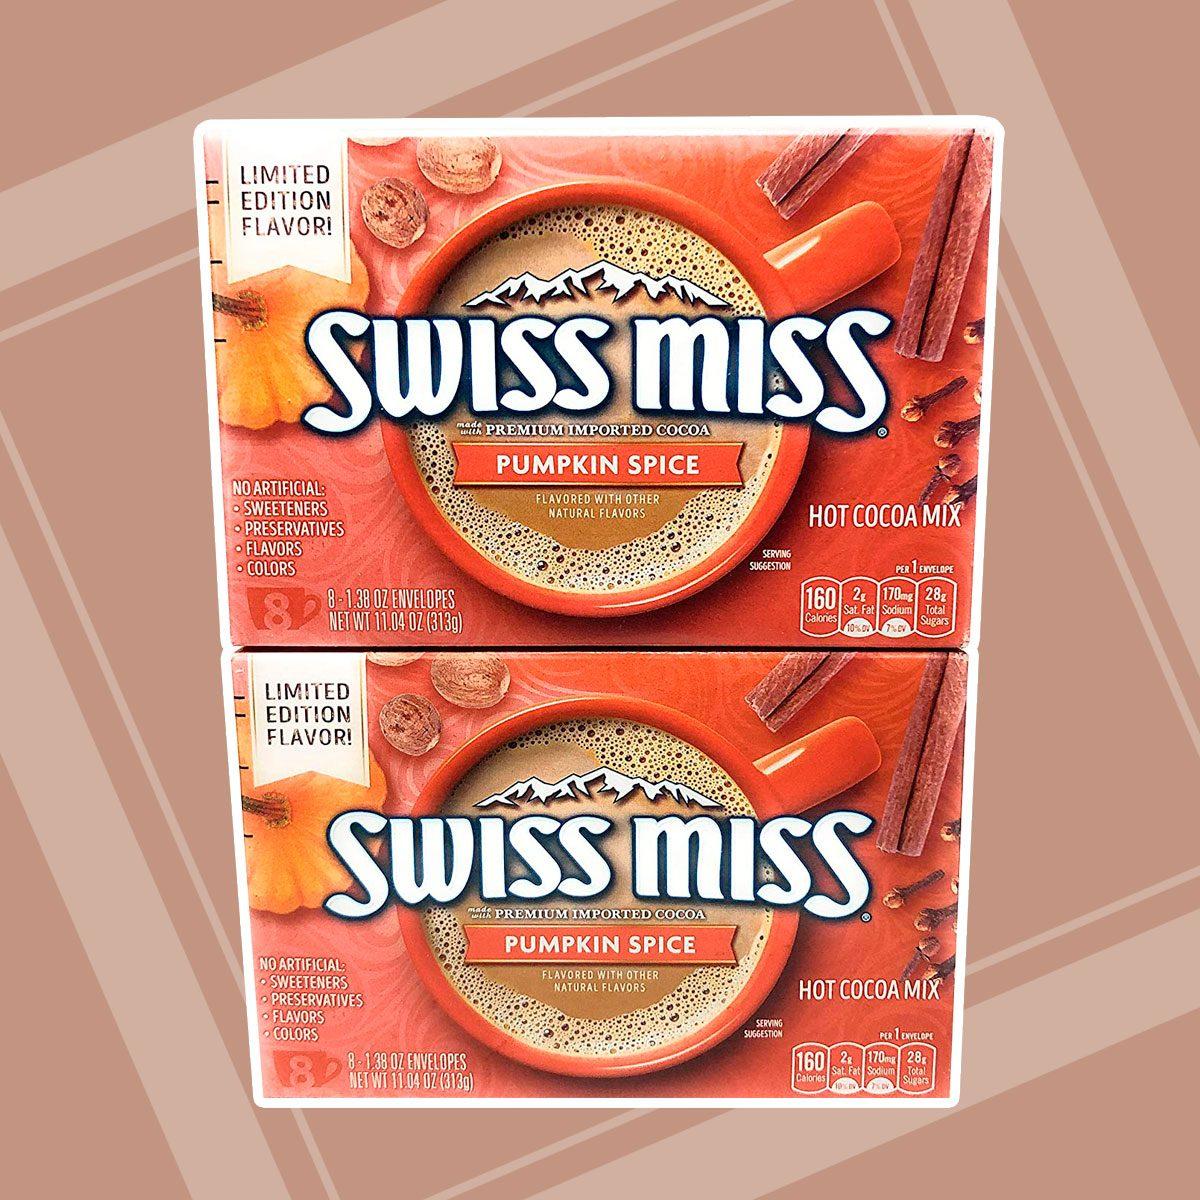 swiss miss pumpkin spice cocoa mix